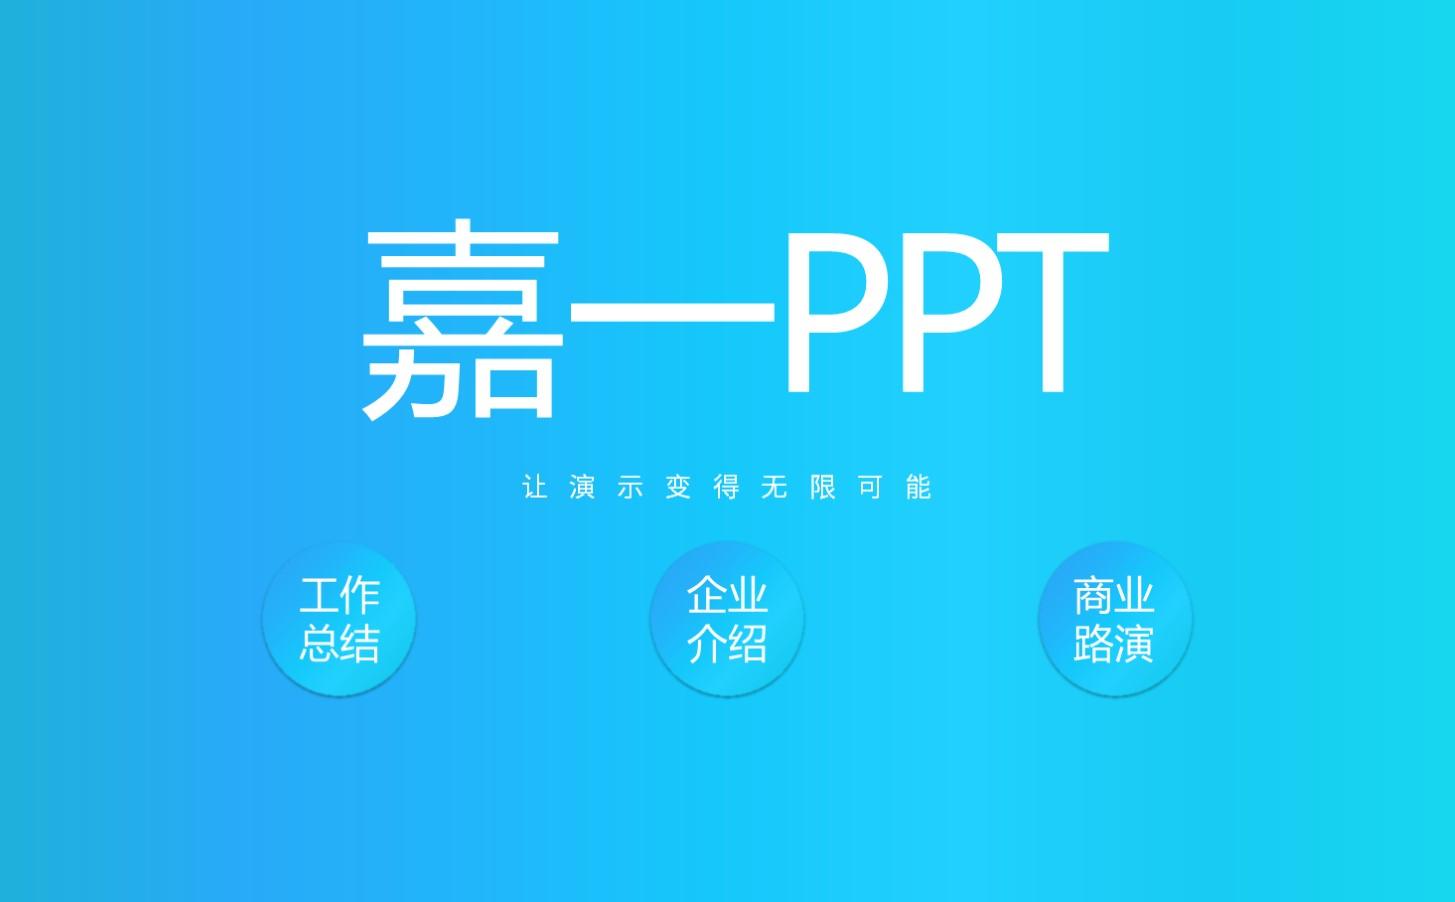 駐馬店市ppt代做公司-做PPT找嘉一-專業設計